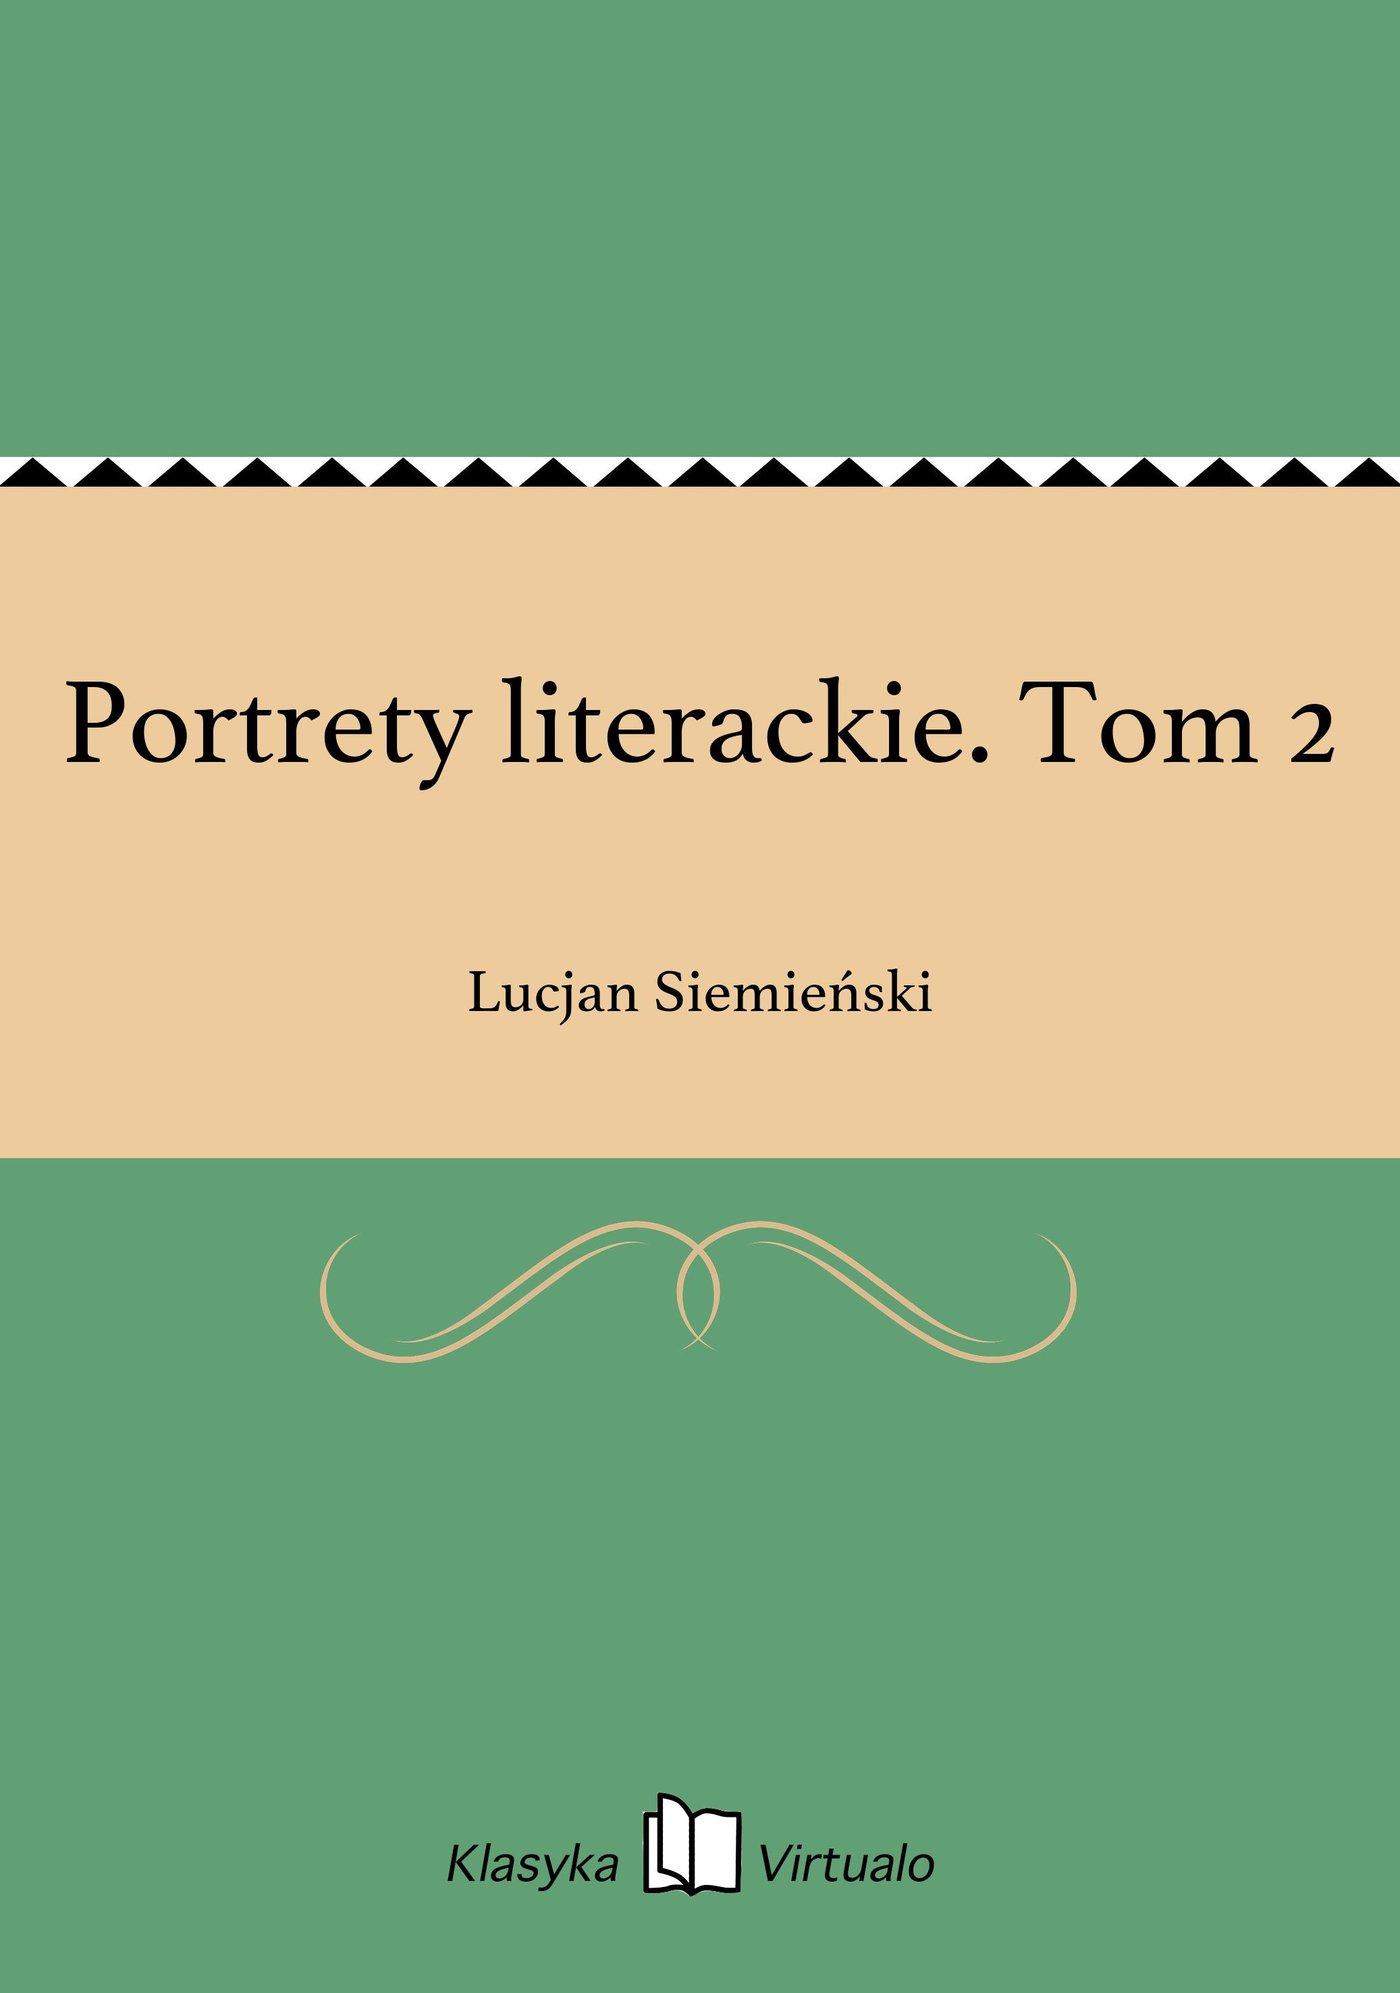 Portrety literackie. Tom 2 - Ebook (Książka EPUB) do pobrania w formacie EPUB